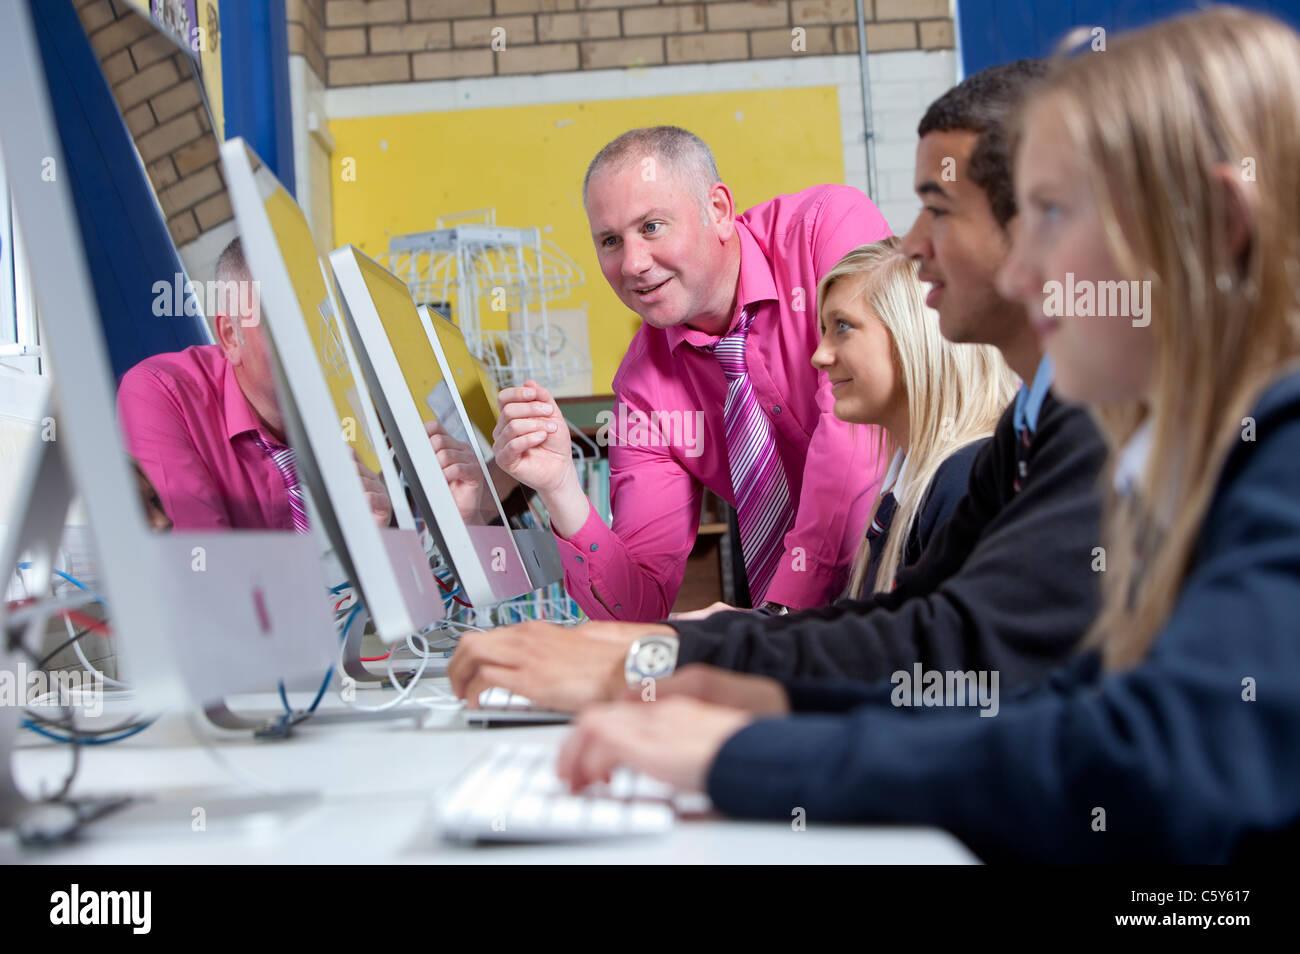 Ein Lehrer während einer Computer-Wissenschaft-Klasse an einer sekundären oder umfassende Schule einen Stockbild